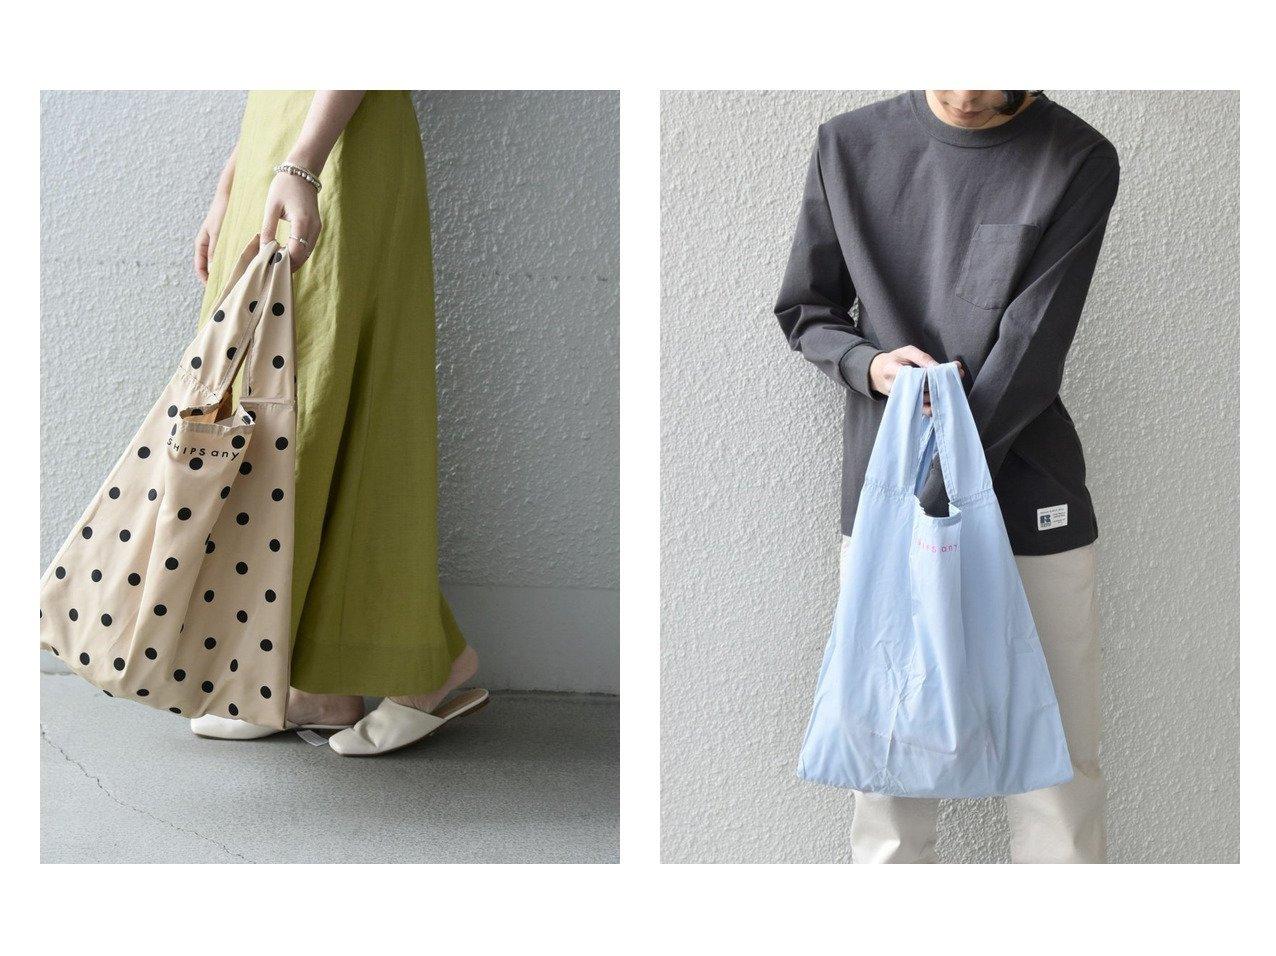 【SHIPS any/シップス エニィ】のSHIPS any エコバッグ 【バッグ・鞄】おすすめ!人気、トレンド・レディースファッションの通販 おすすめで人気の流行・トレンド、ファッションの通販商品 インテリア・家具・メンズファッション・キッズファッション・レディースファッション・服の通販 founy(ファニー) https://founy.com/ ファッション Fashion レディースファッション WOMEN バッグ Bag コンパクト シンプル  ID:crp329100000047569